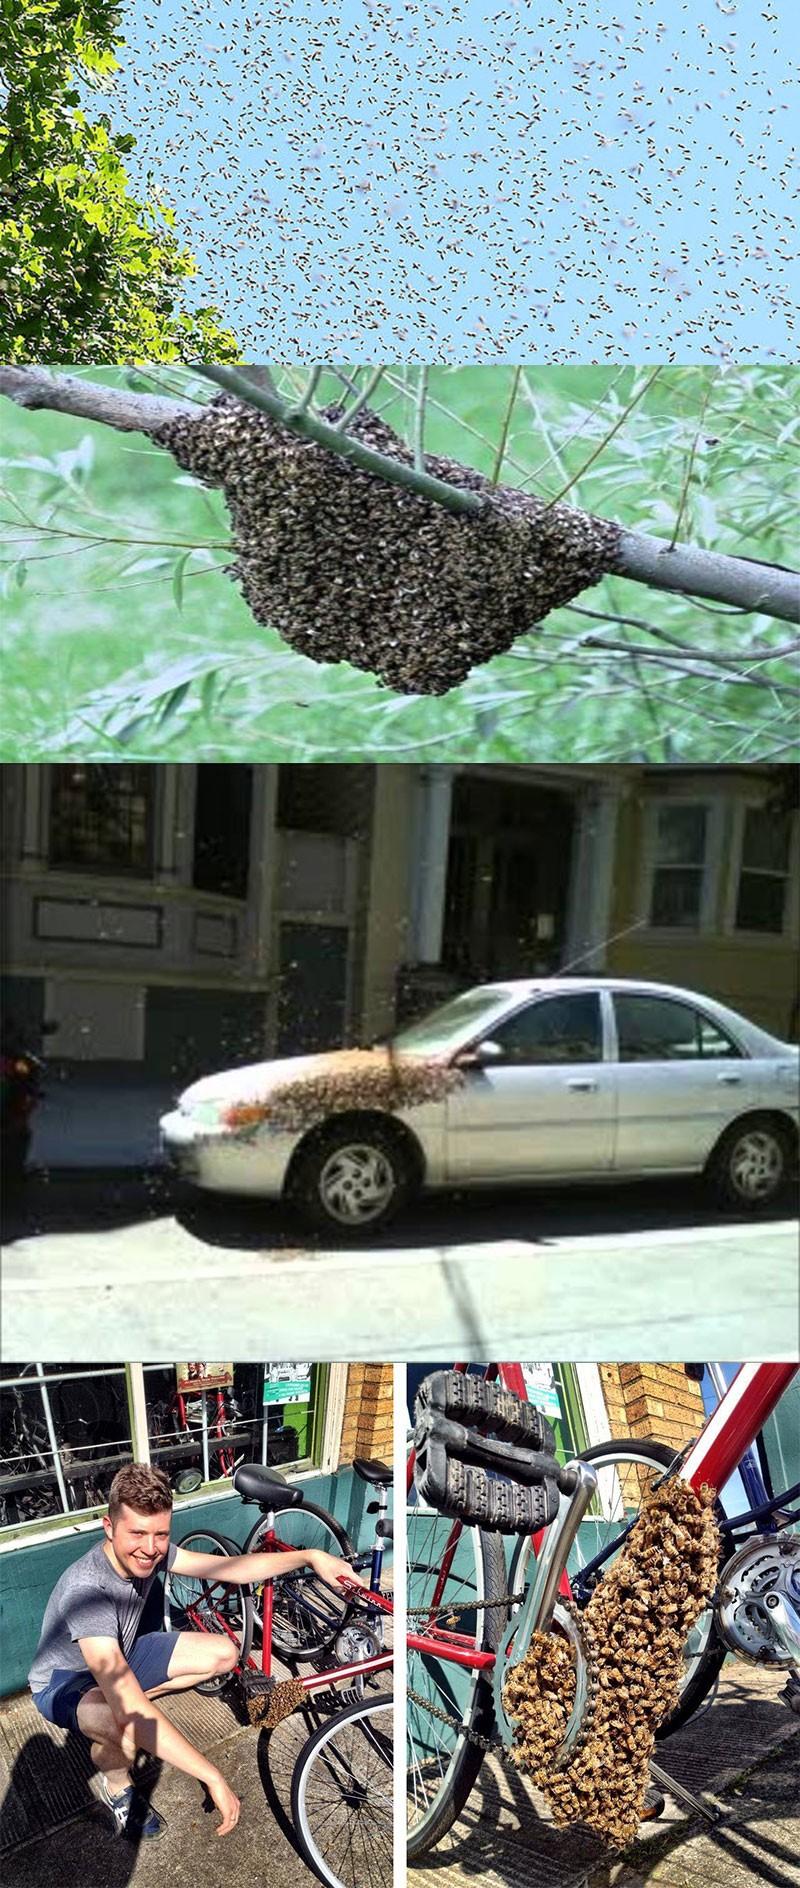 Kovanı terk eden arılar ağaç dallarına, arabalara veya bisikletlere konabilirler.